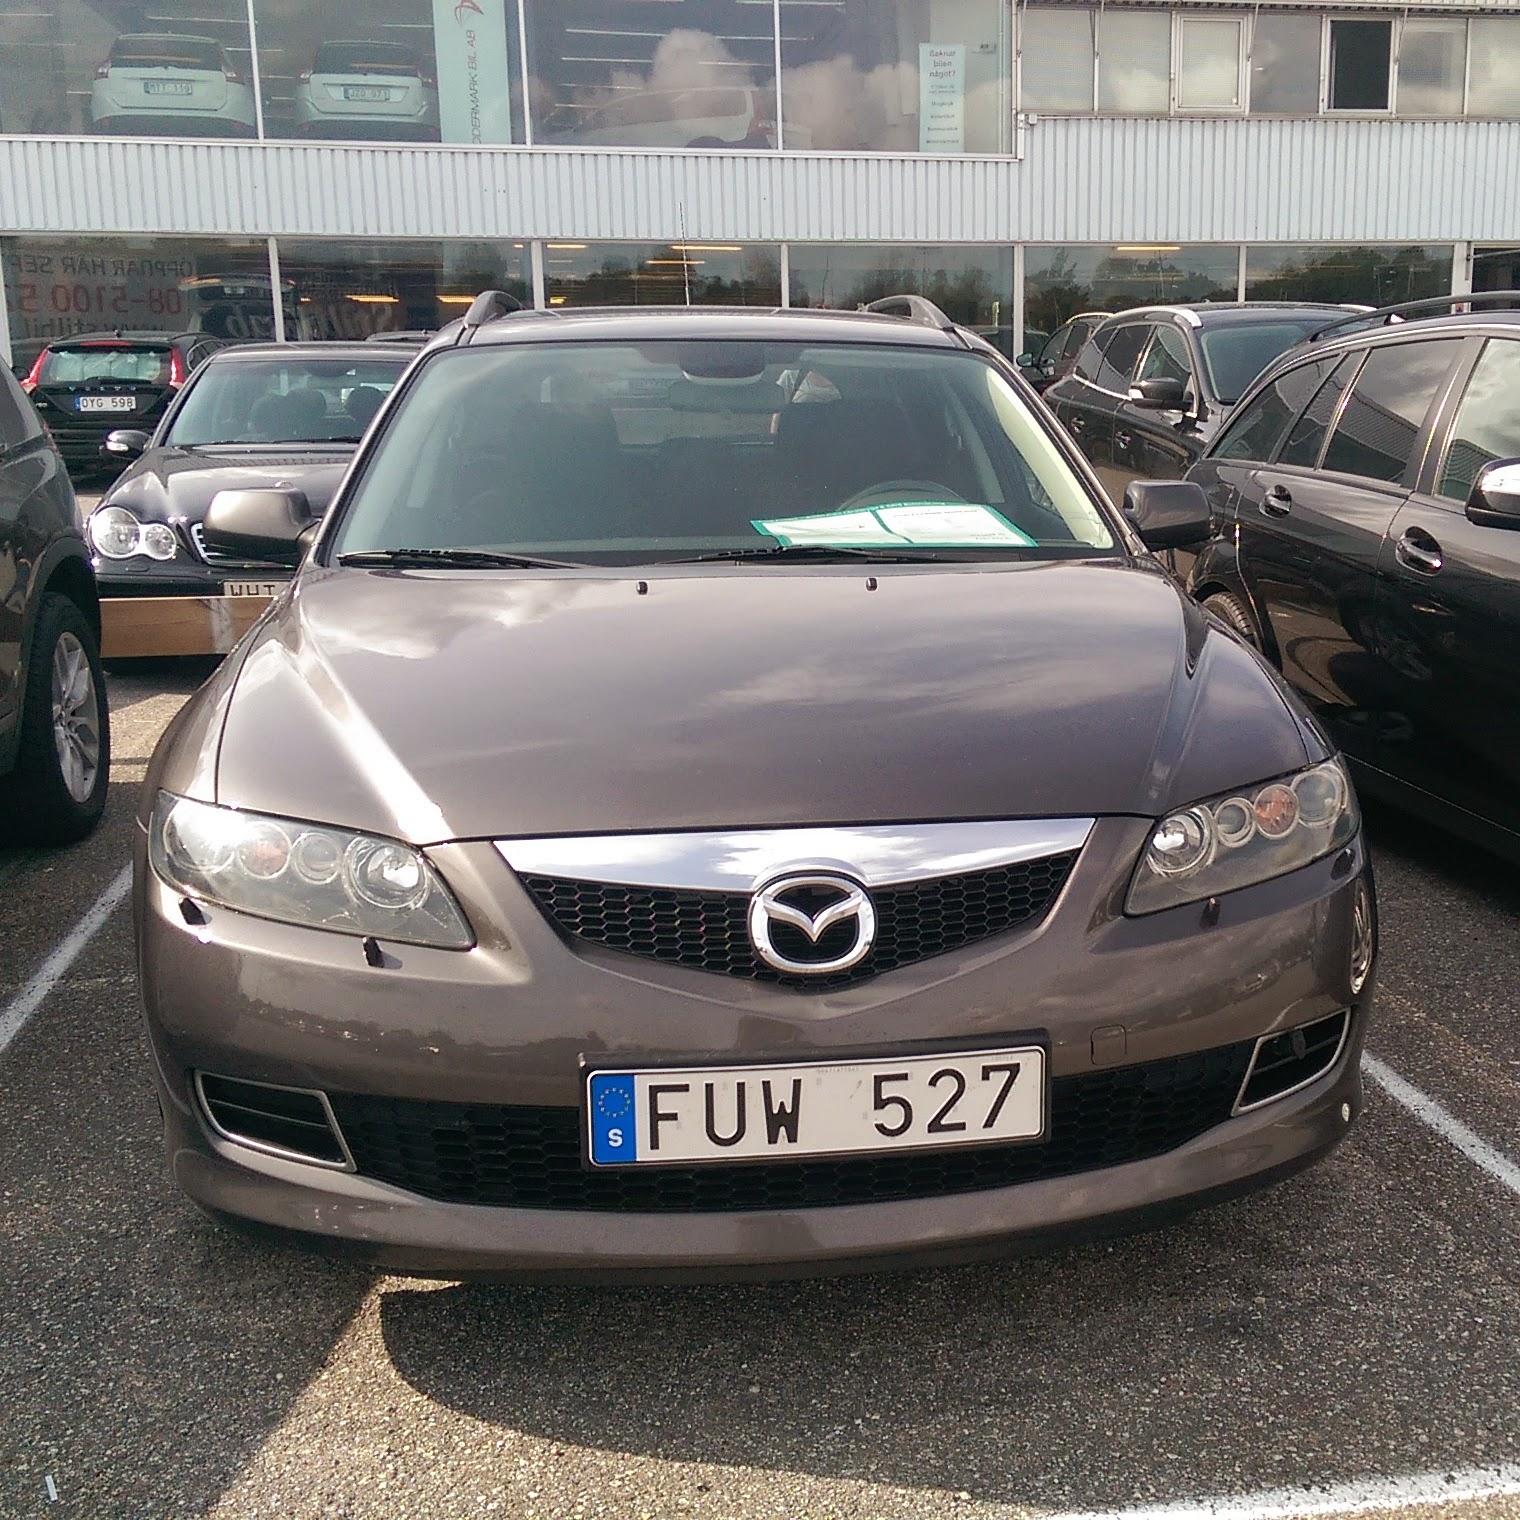 Stort tack till Riddermark bil i Järfälla